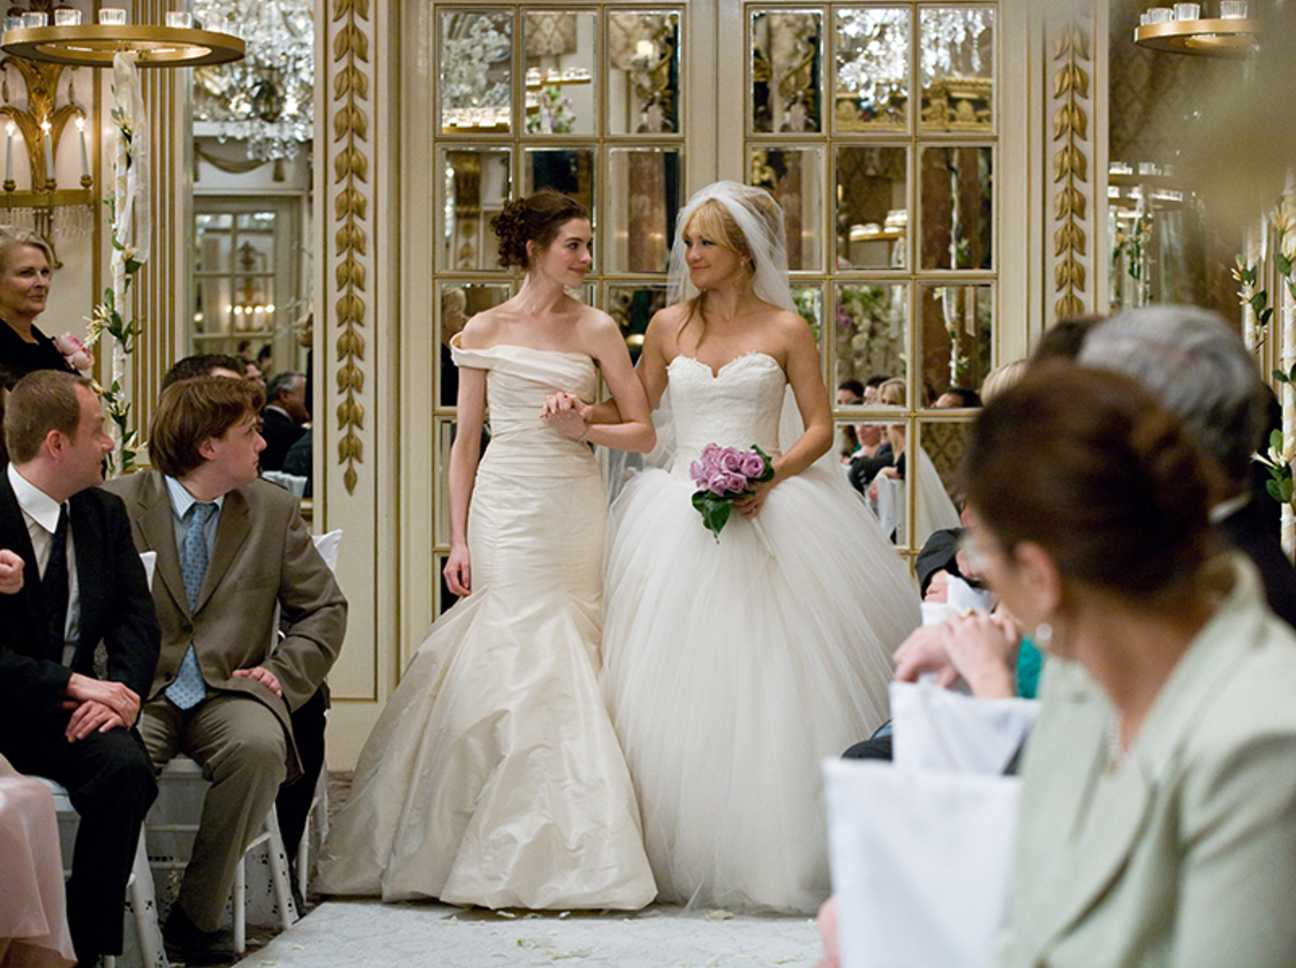 Отели из фильмов - Война невест The Plaza